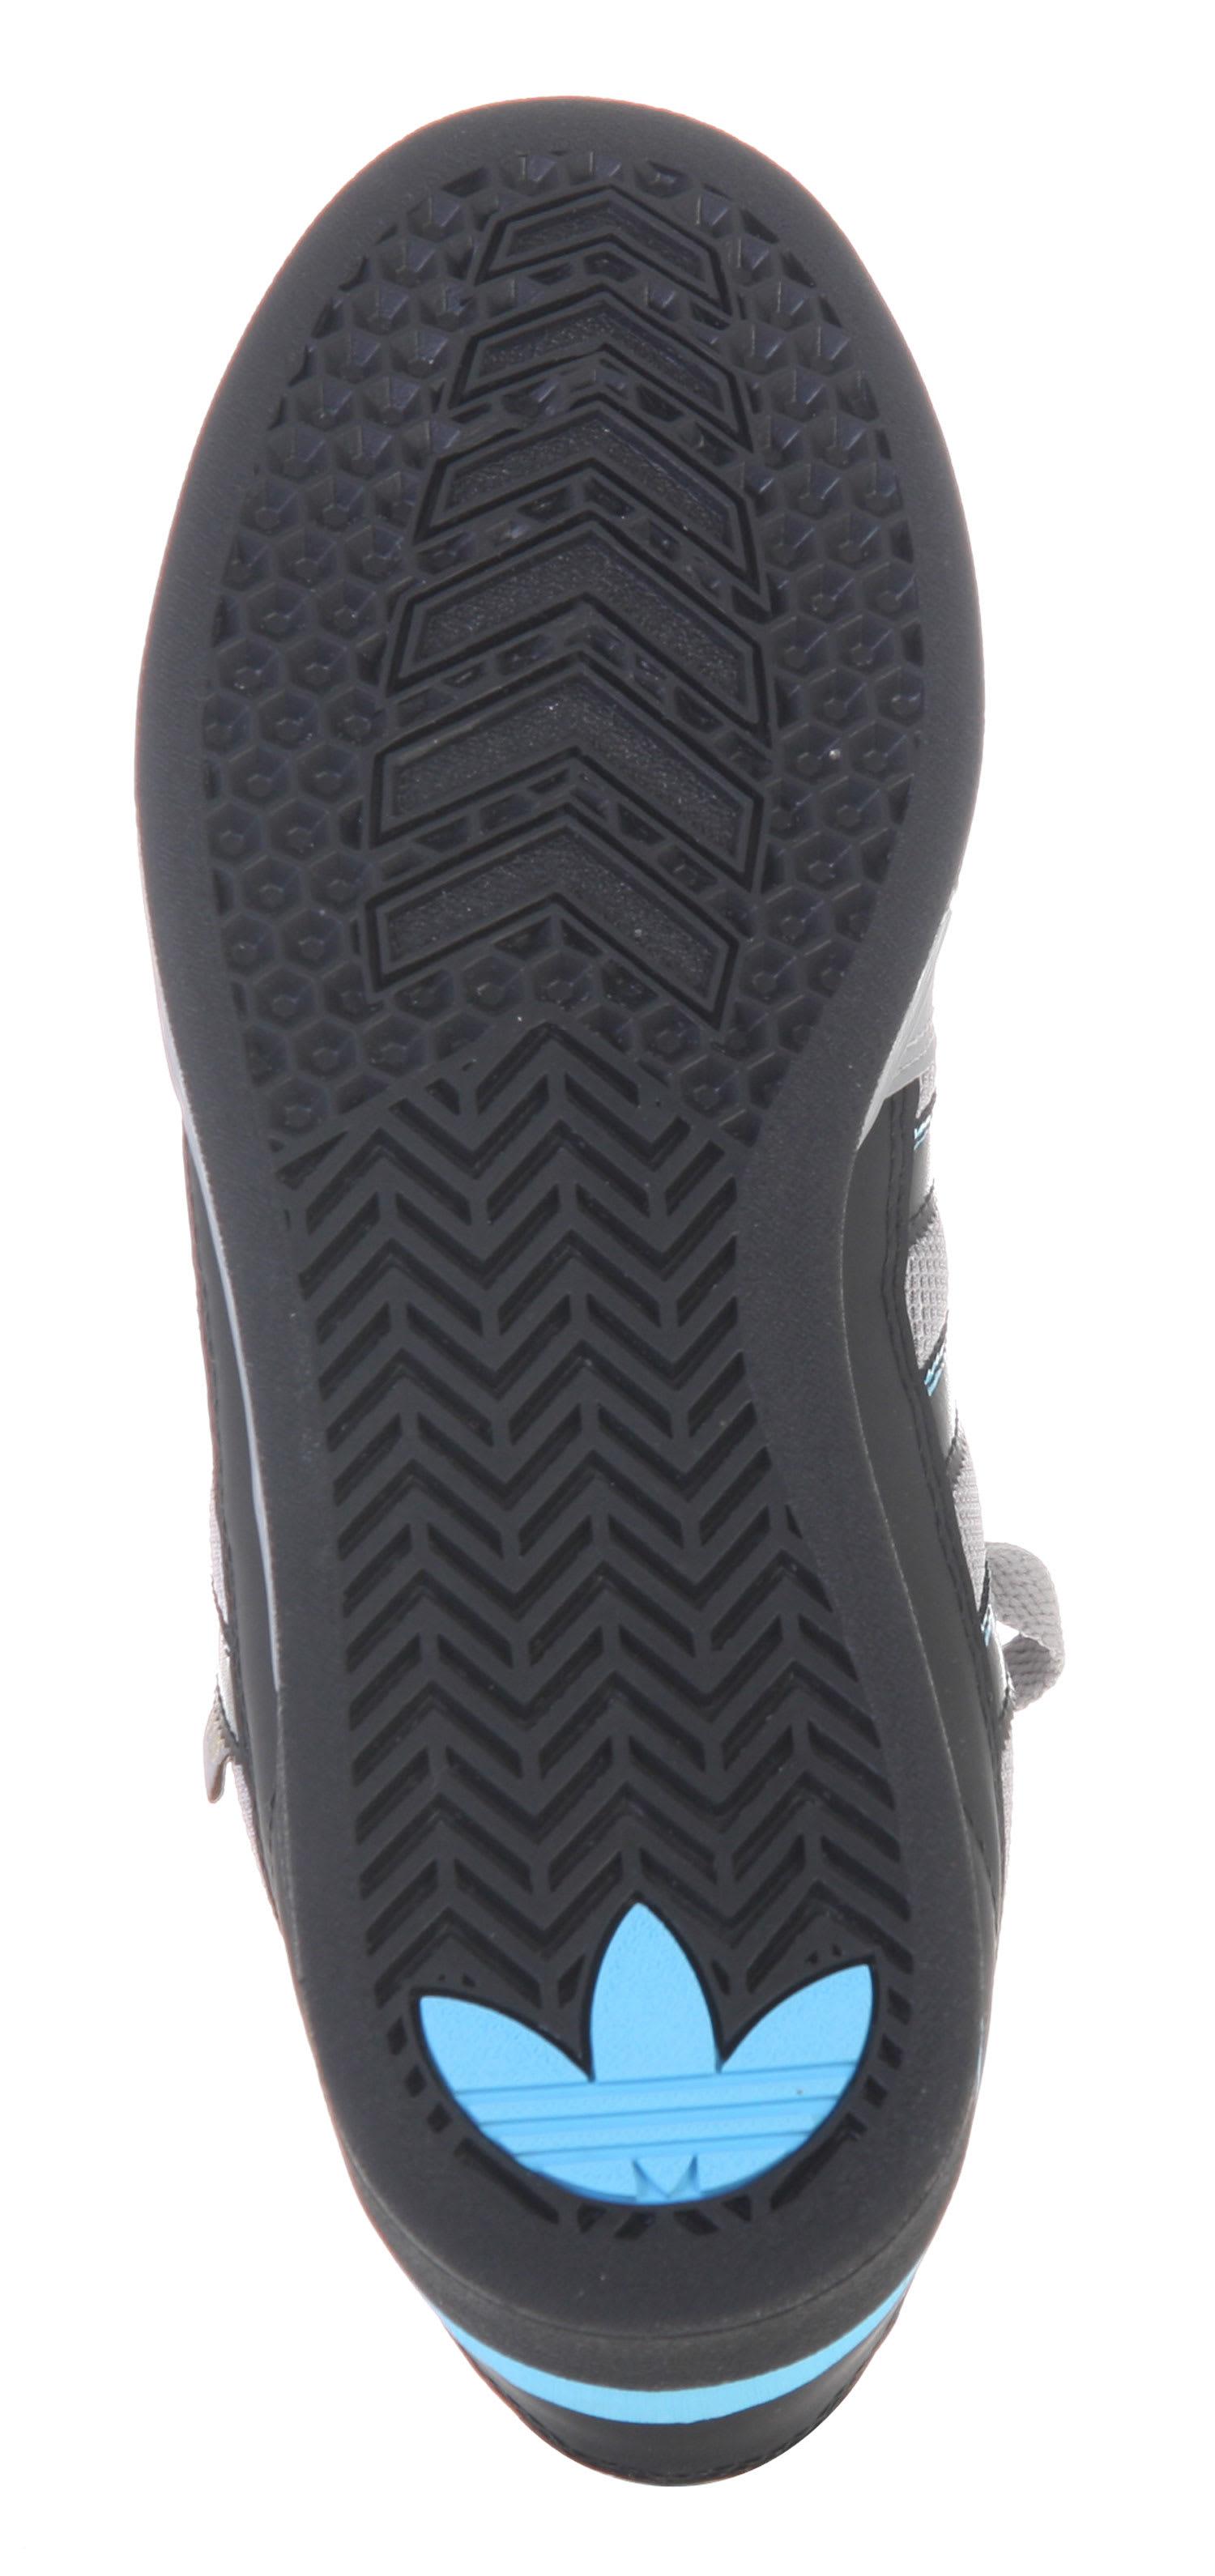 58cd704836f86a Adidas Silas Pro Skate Shoes - thumbnail 3